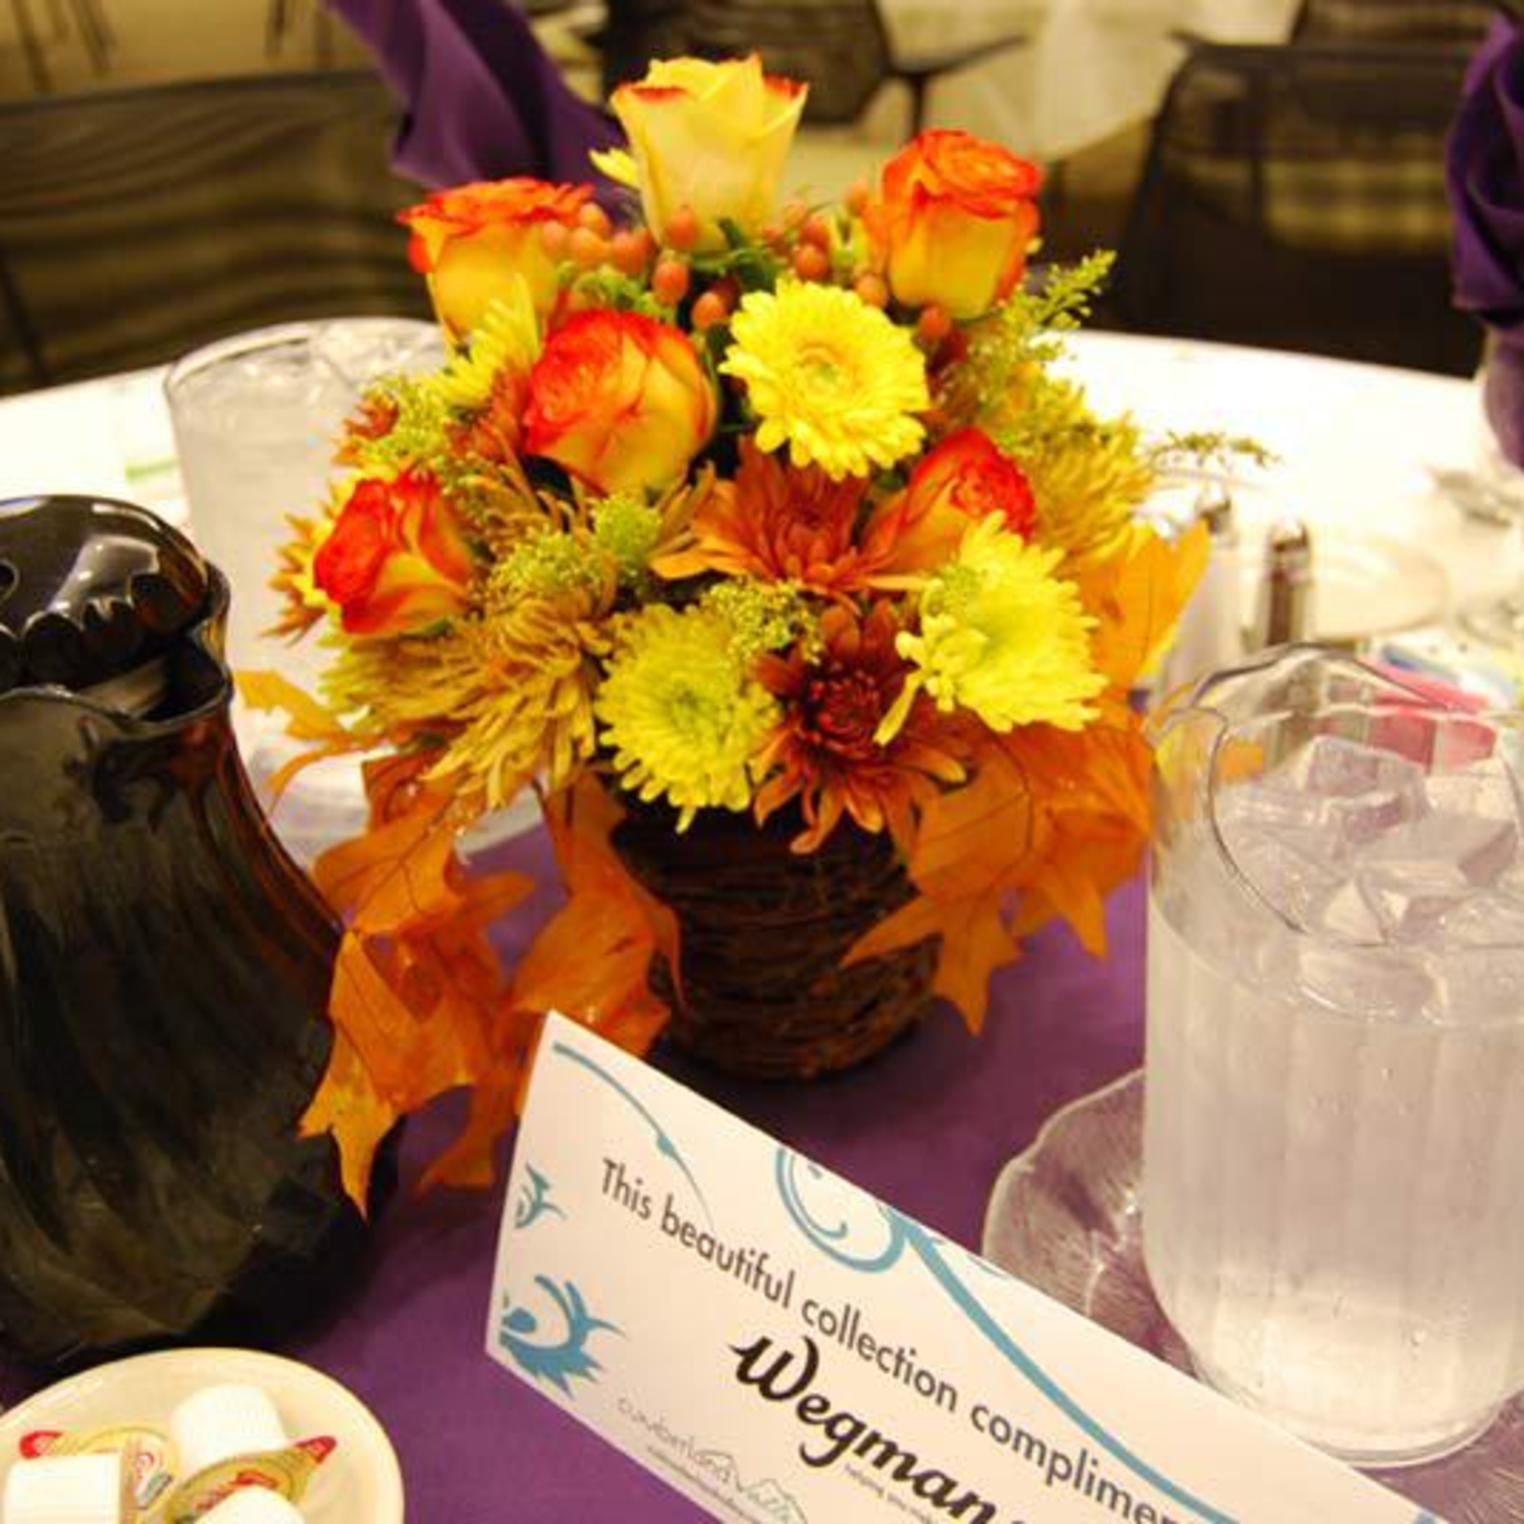 Wegman's Fall Banquet Centerpiece